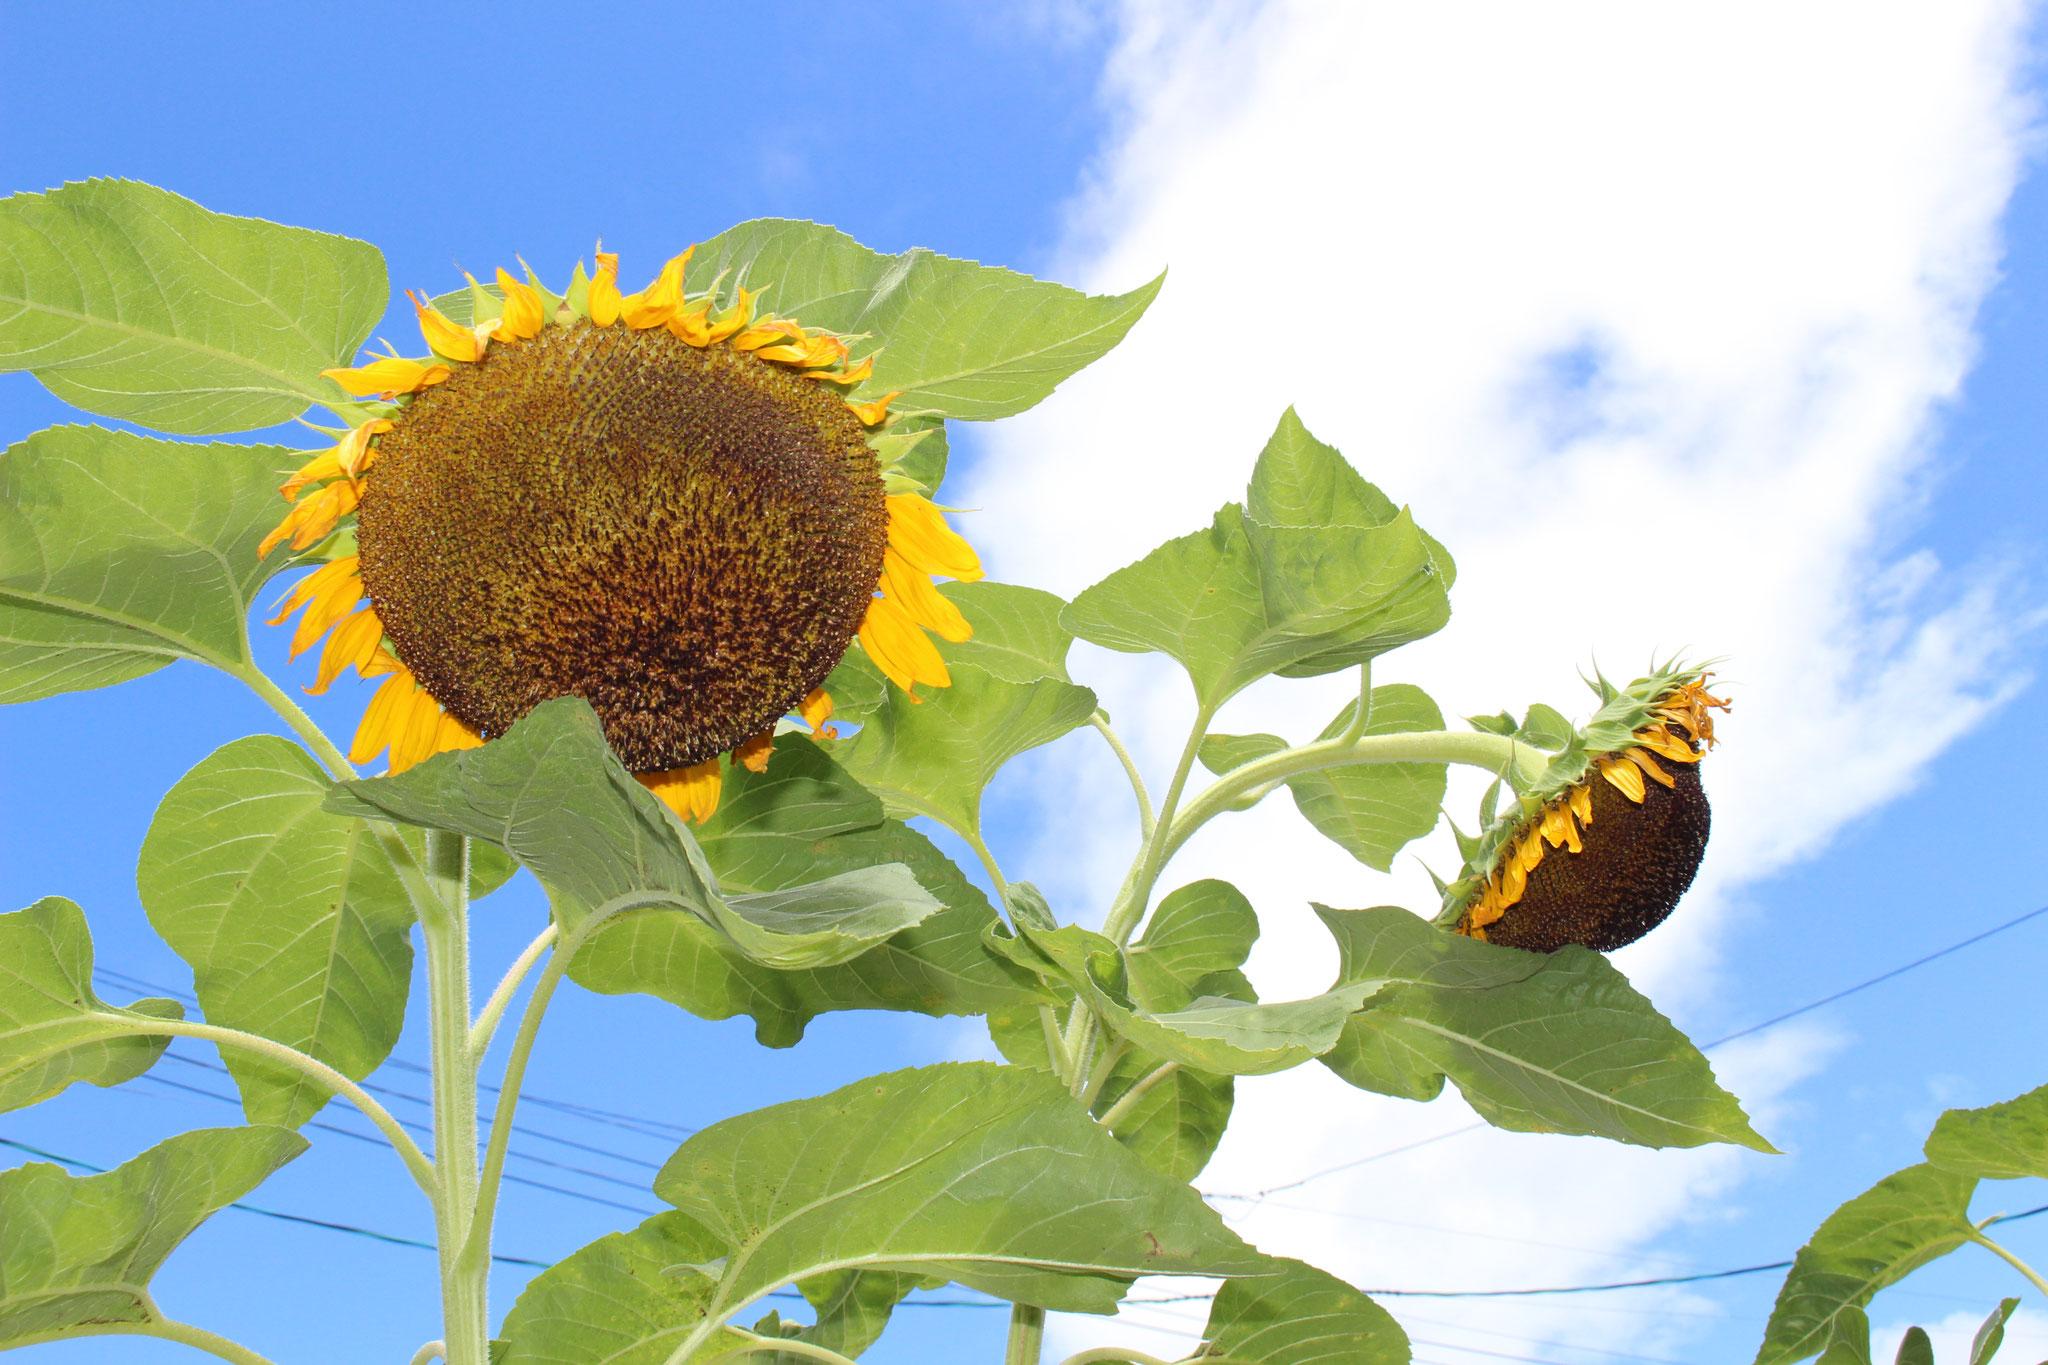 晴天がきれいな日に 夏祭りが開催できて感謝だね~ ひまわりさんも笑っているよ😊